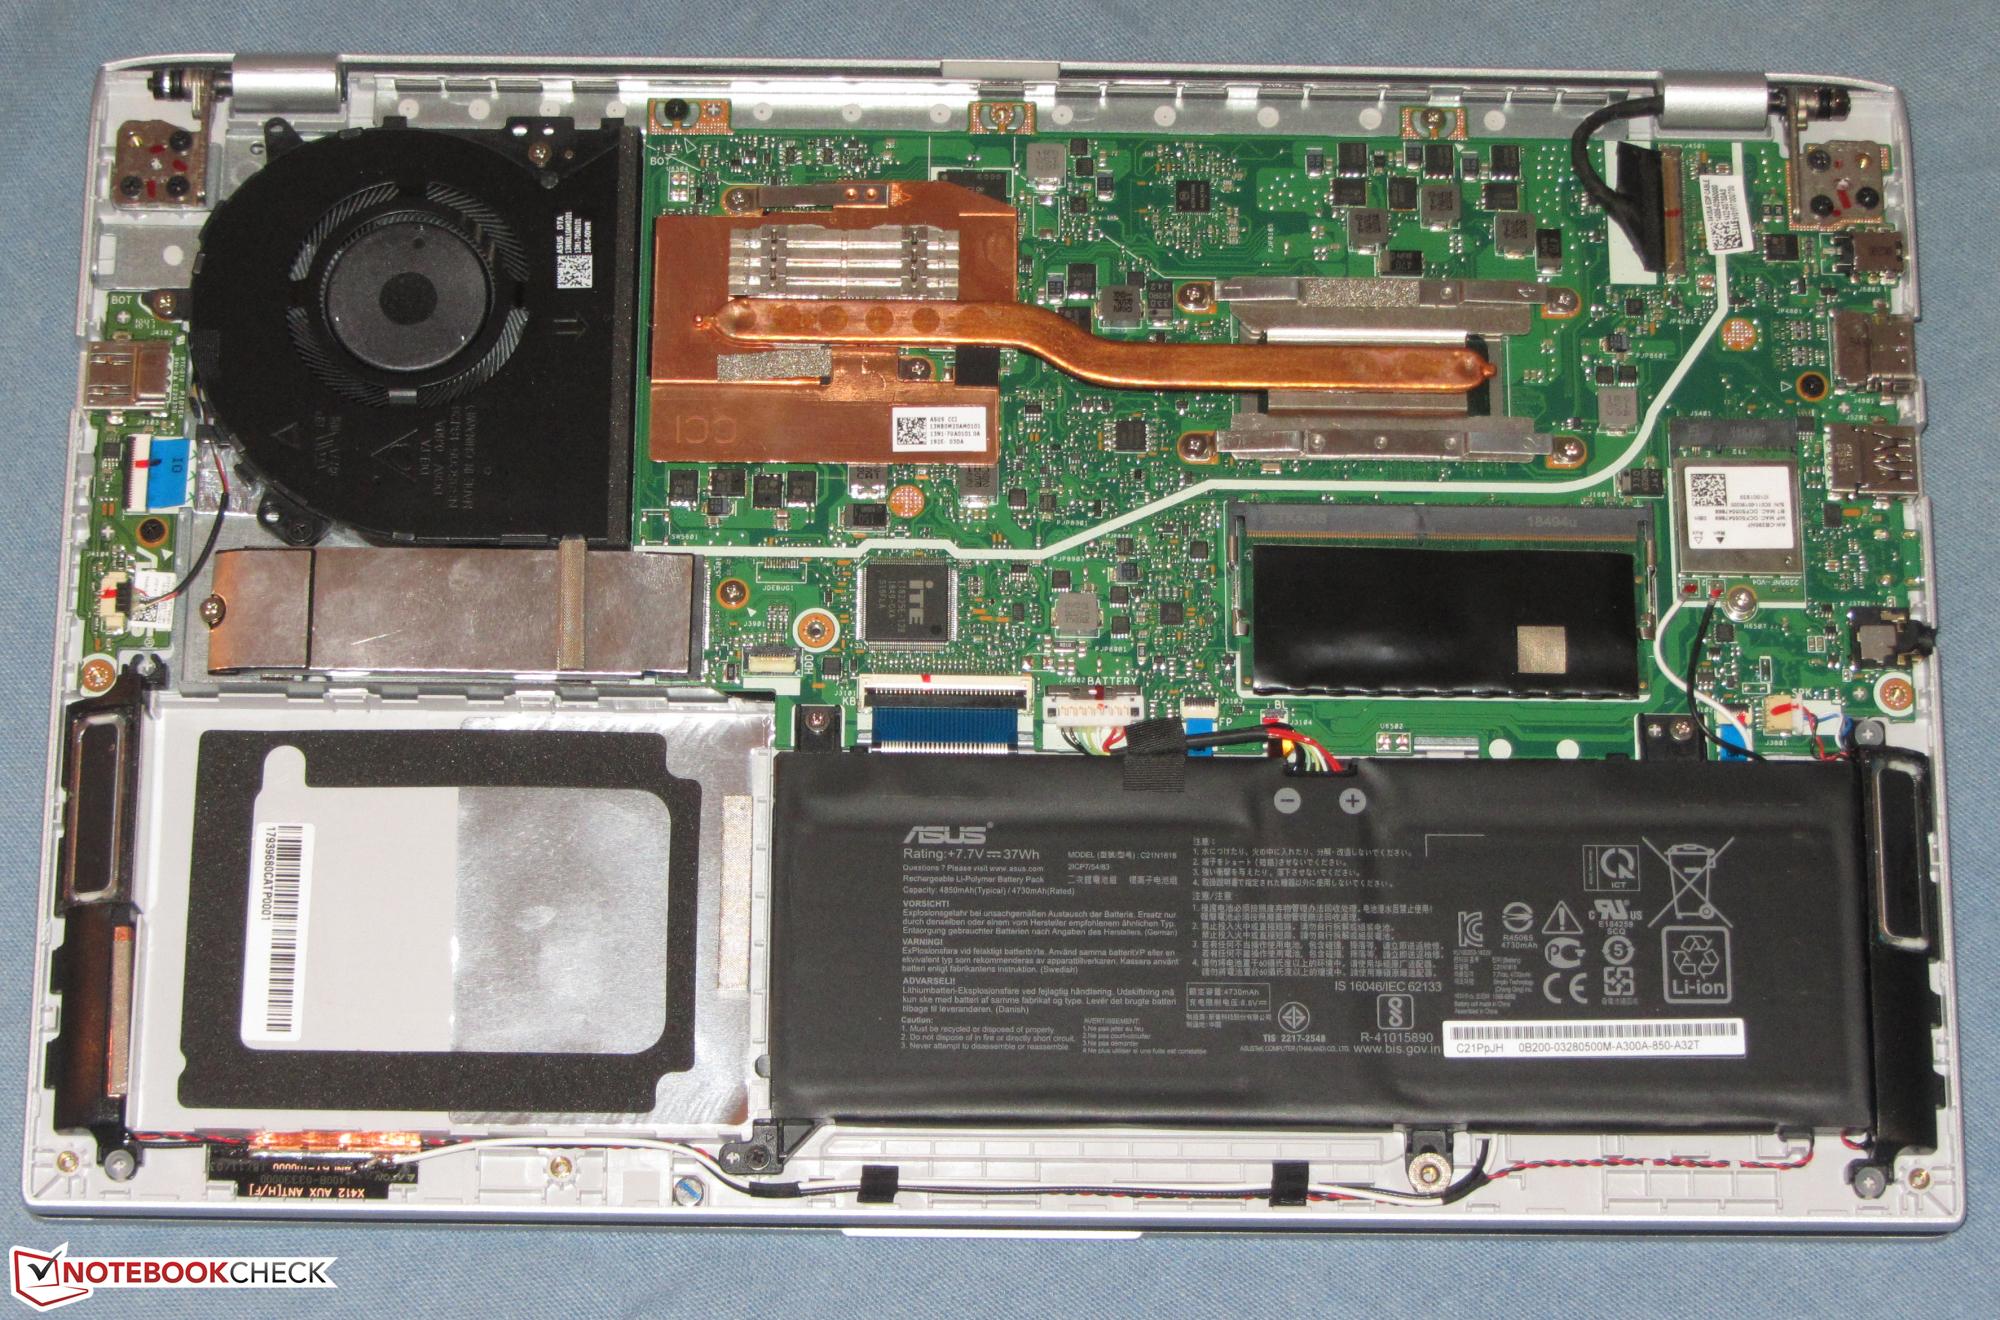 ASUS VivoBook 14 X412FJ Laptop Review: A compact 14-inch